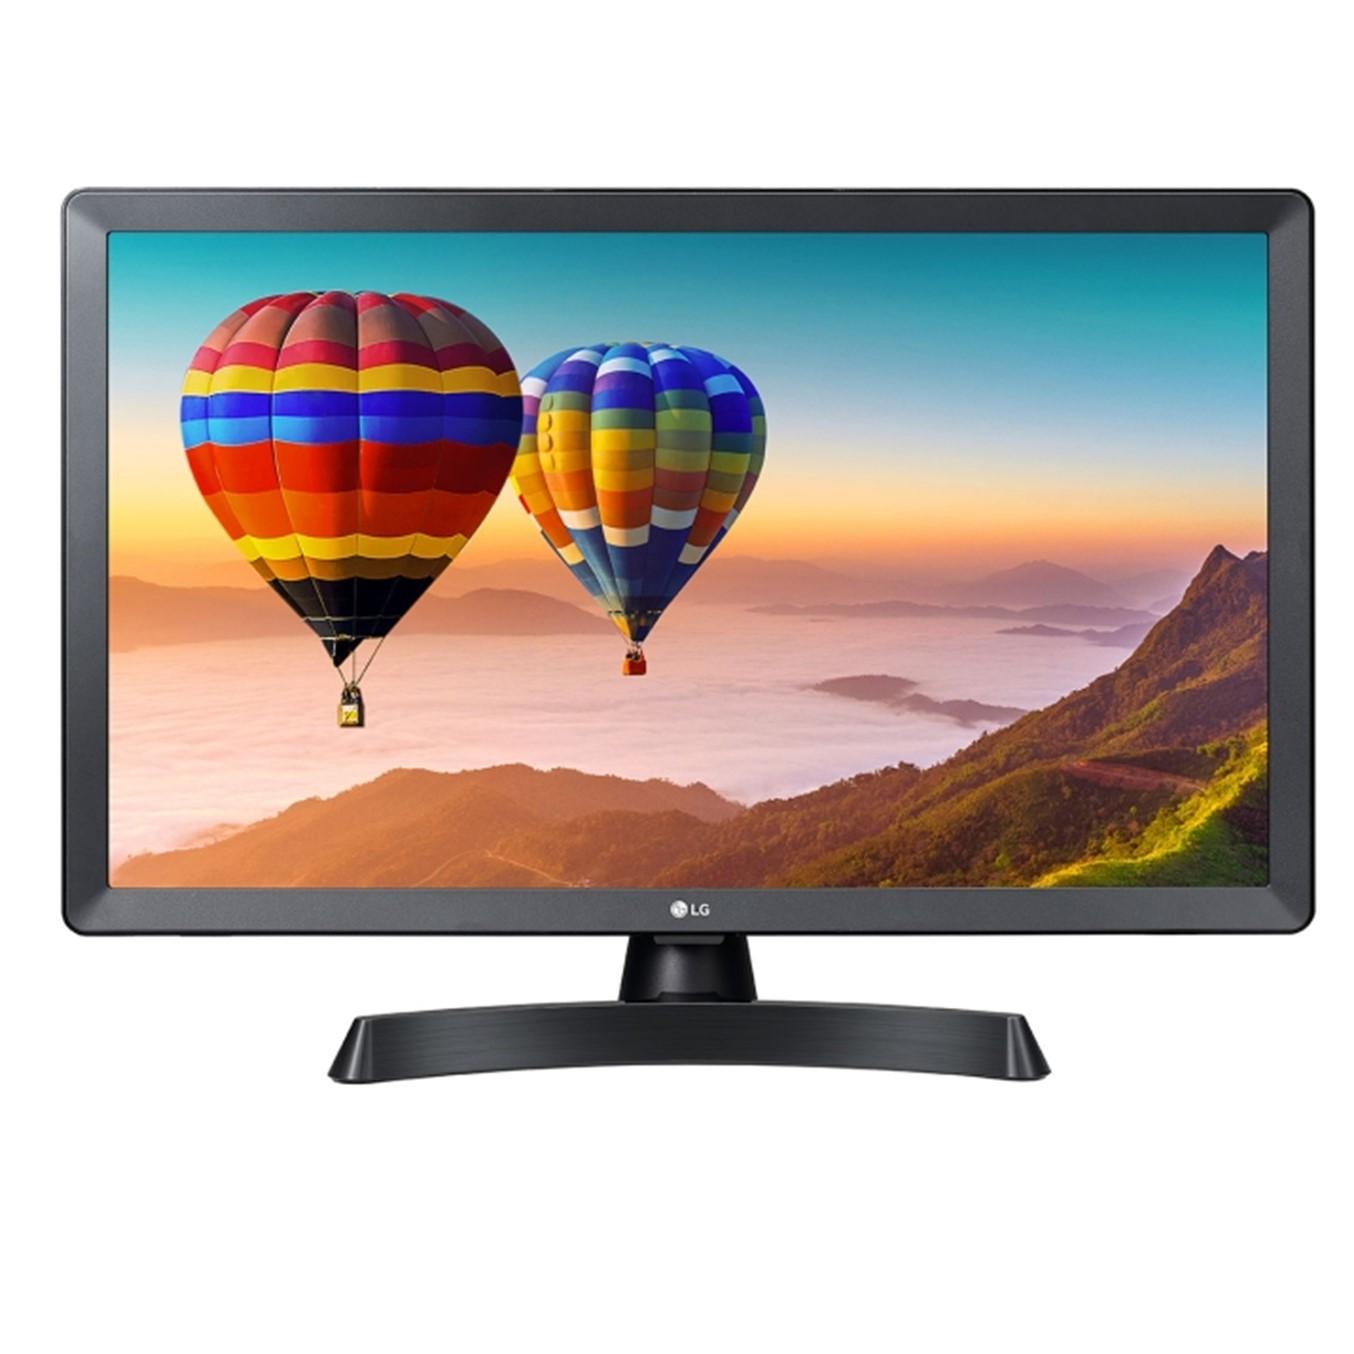 """MONITOR TV LED LG 24"""" 24TN510S-PZ 1366 X 768 HDMI USB DVB-T2 SMART WIFI NEGRO"""